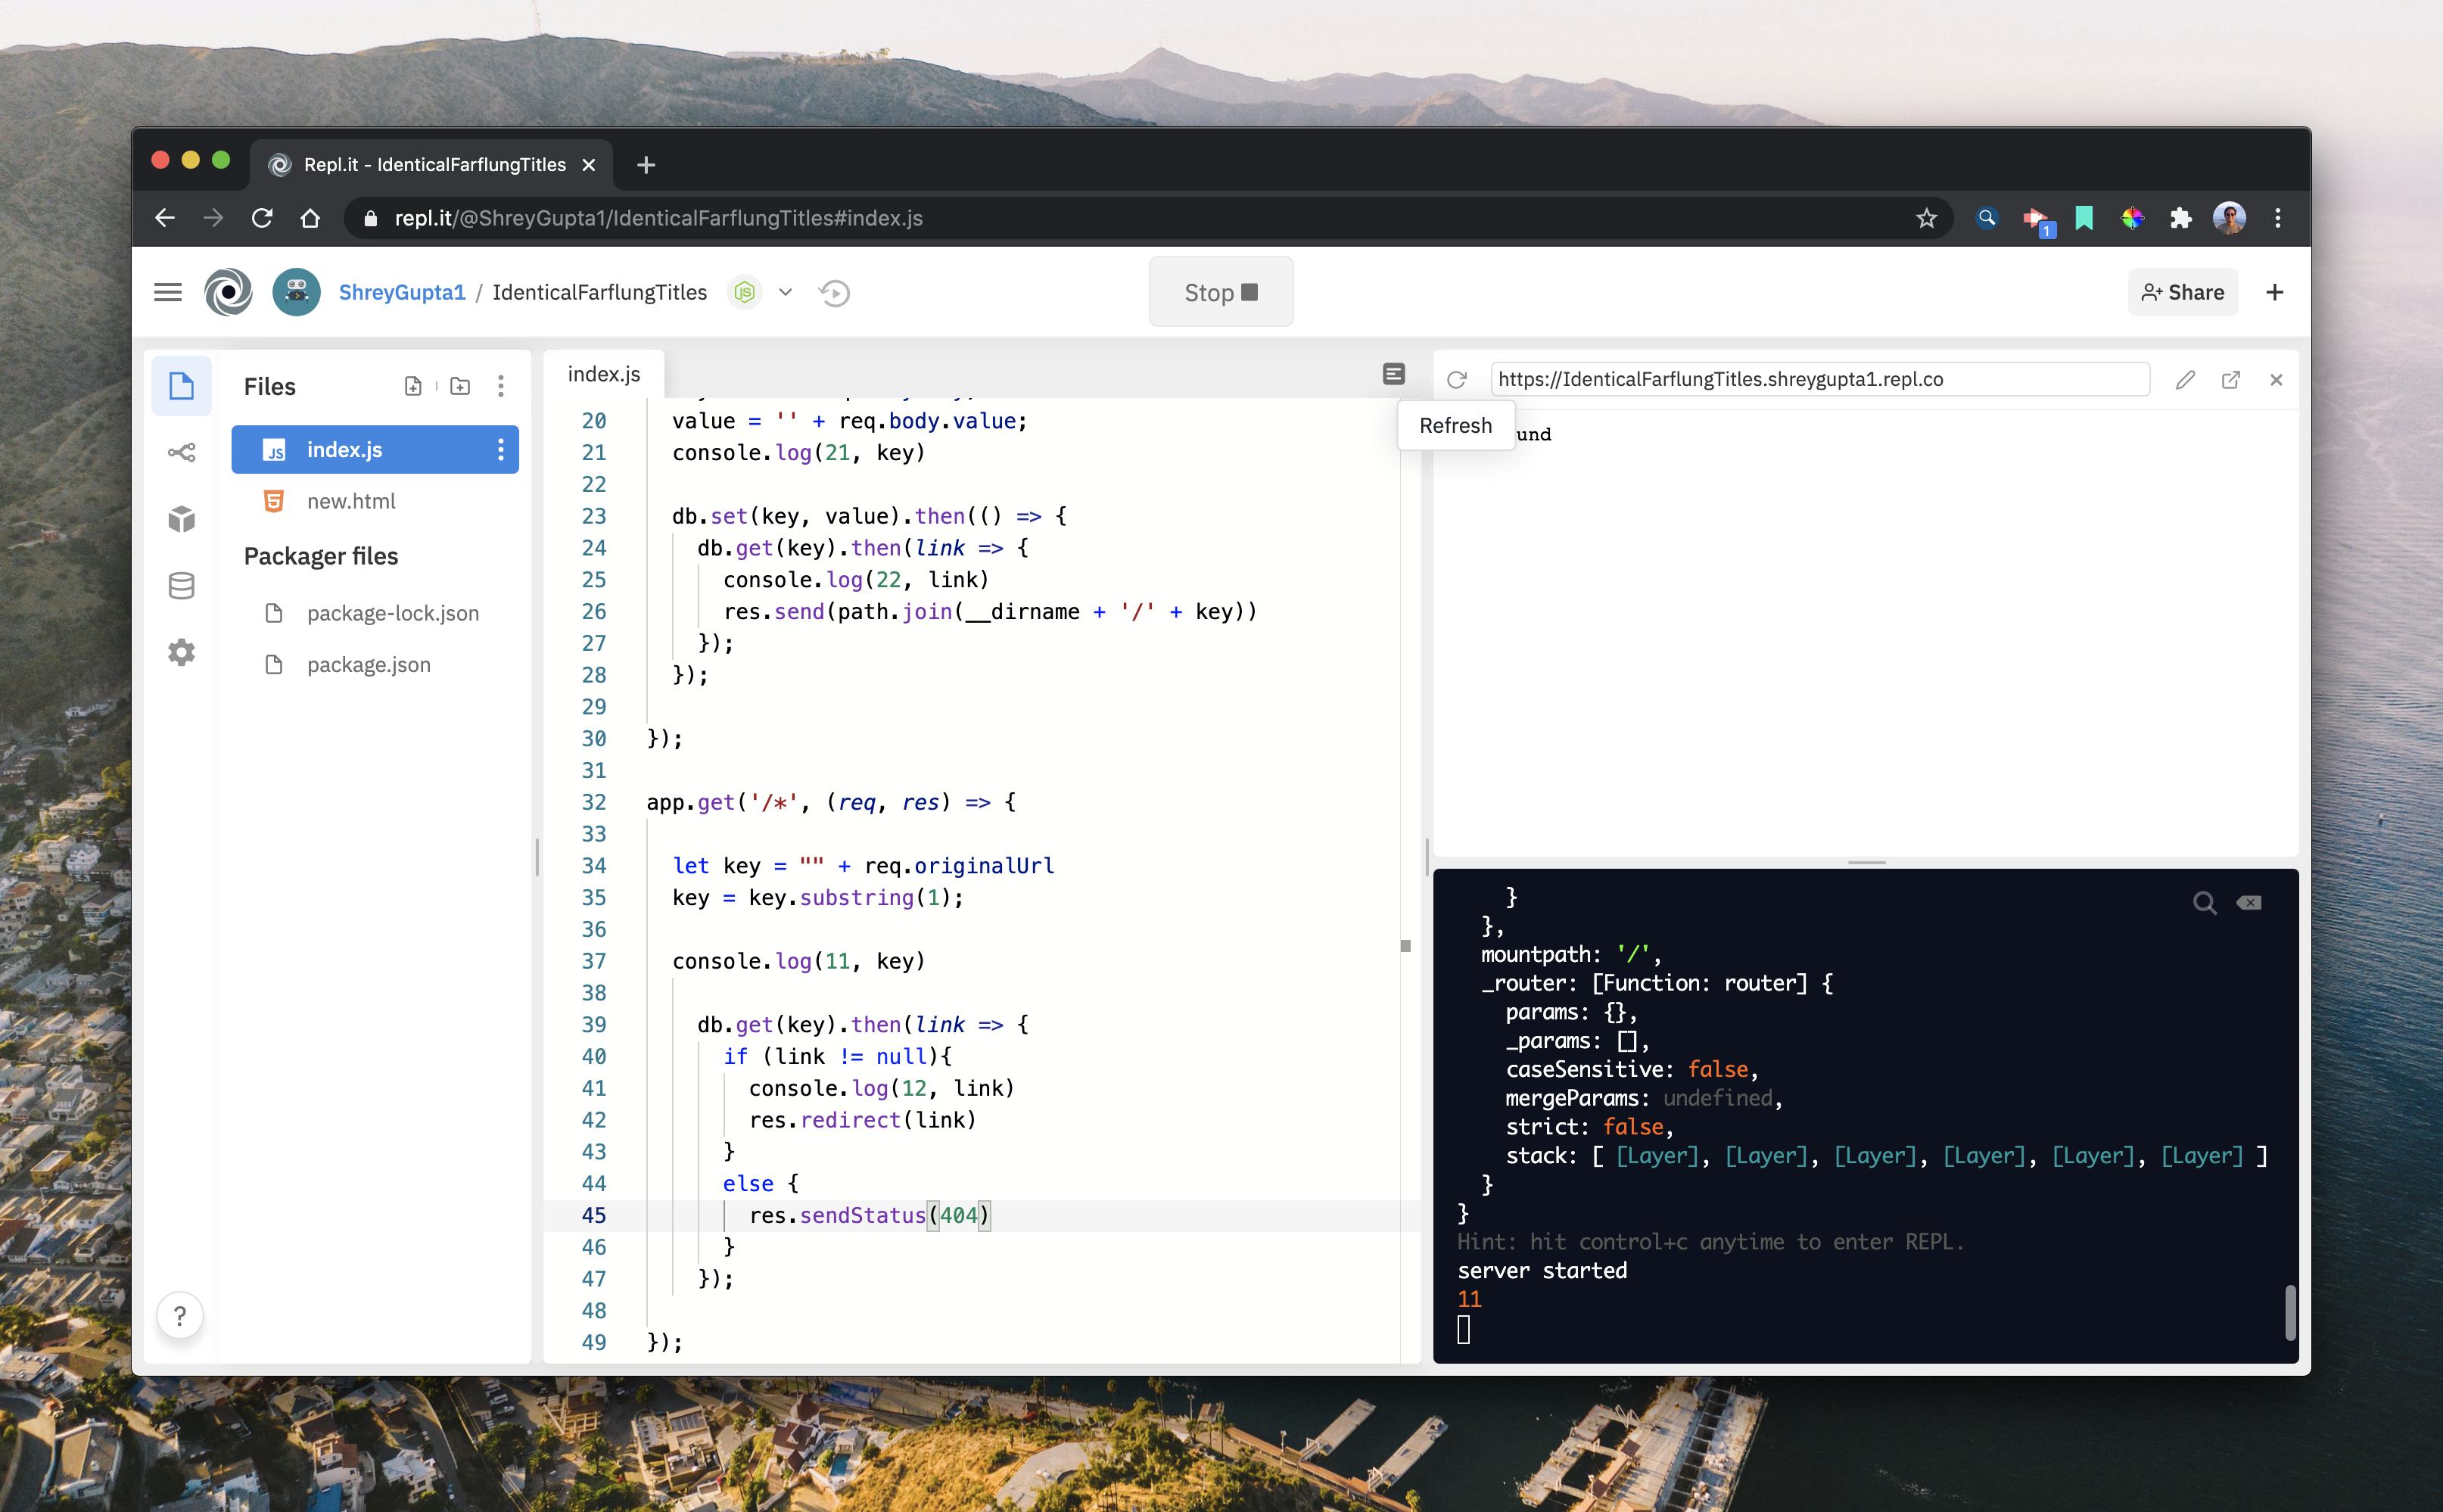 Window of the code saying 404 error